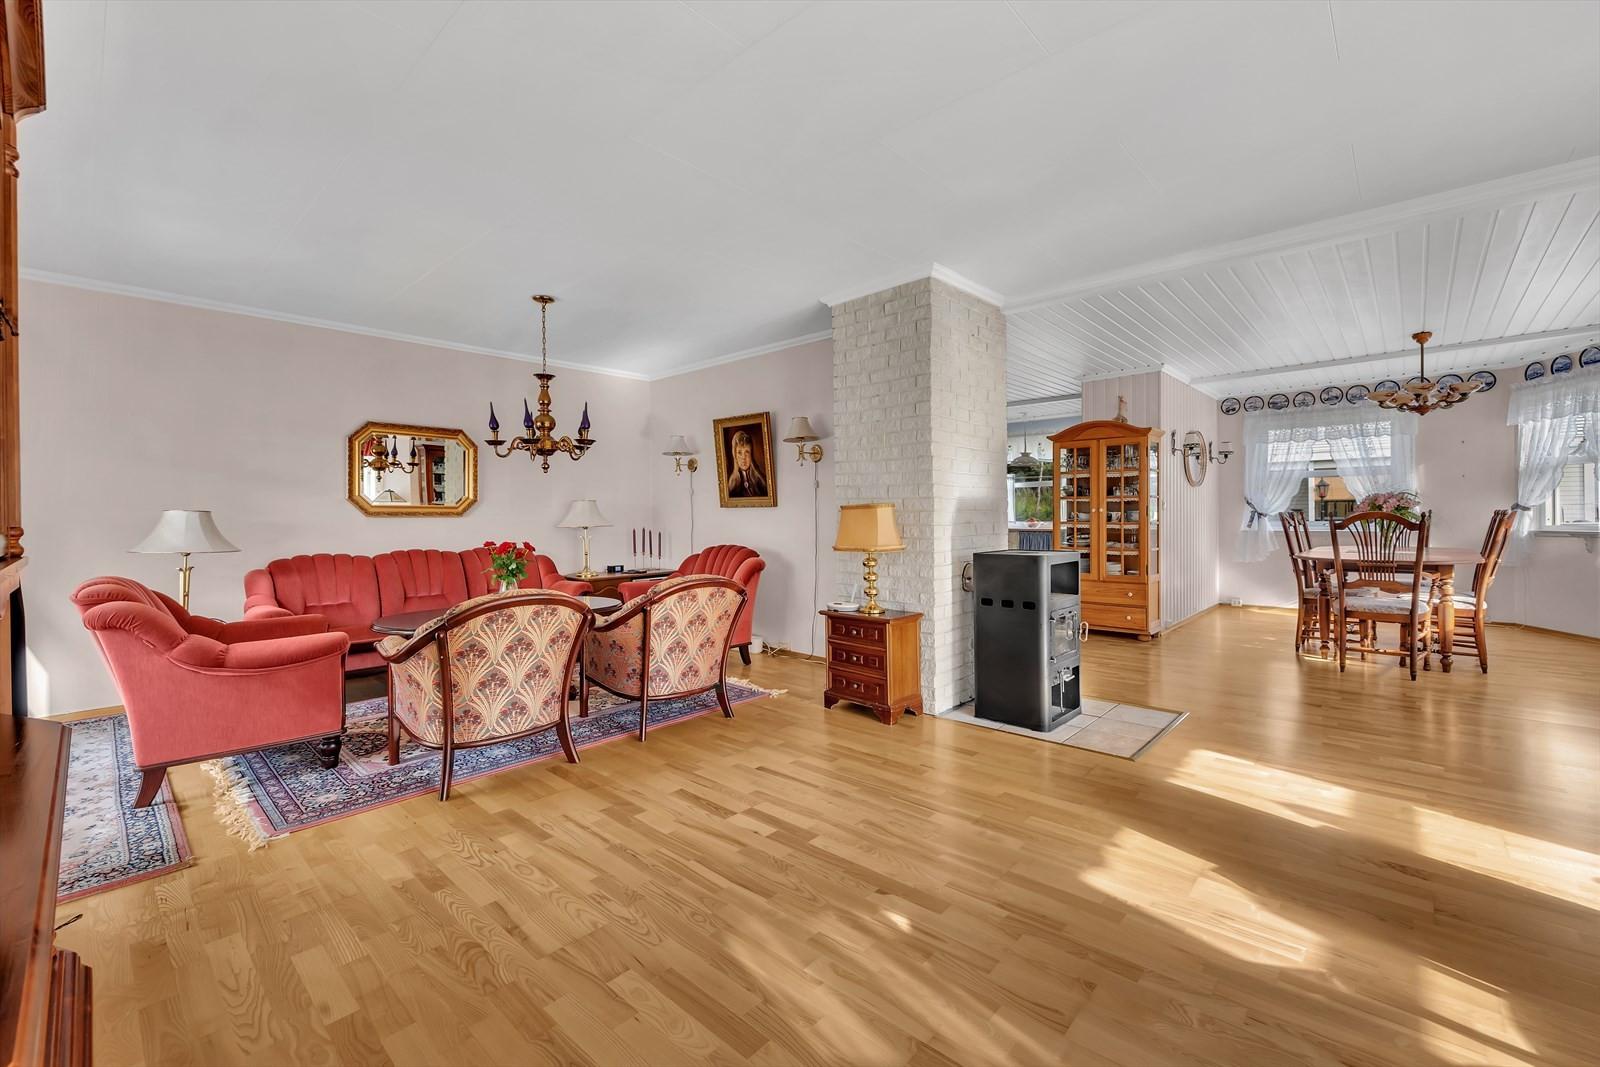 Stuen opplevers som lys og med godt med lysinnslipp